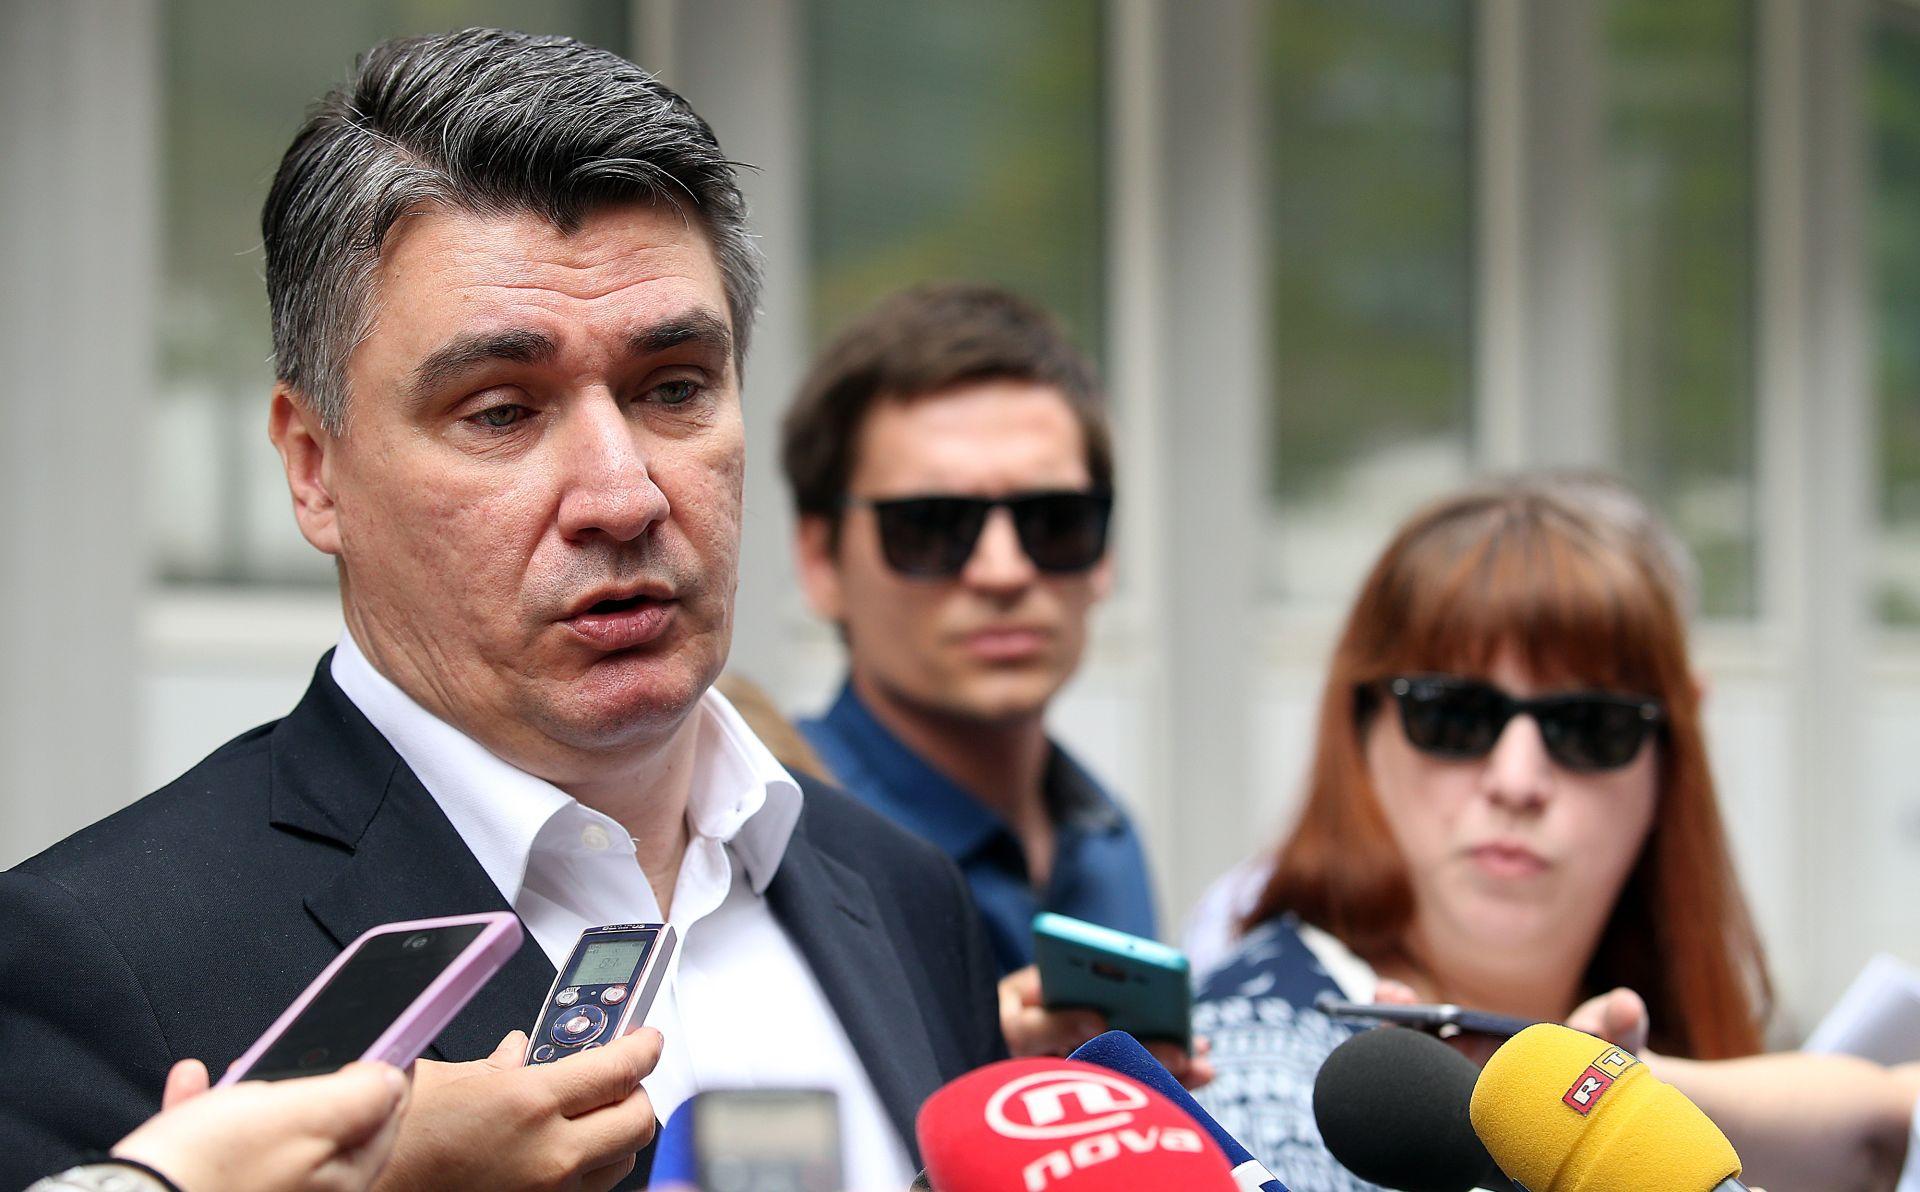 ZORAN MILANOVIĆ 'Spreman sam za sučeljavanje s Plenkovićem, konačno je netko pristao na debatu'